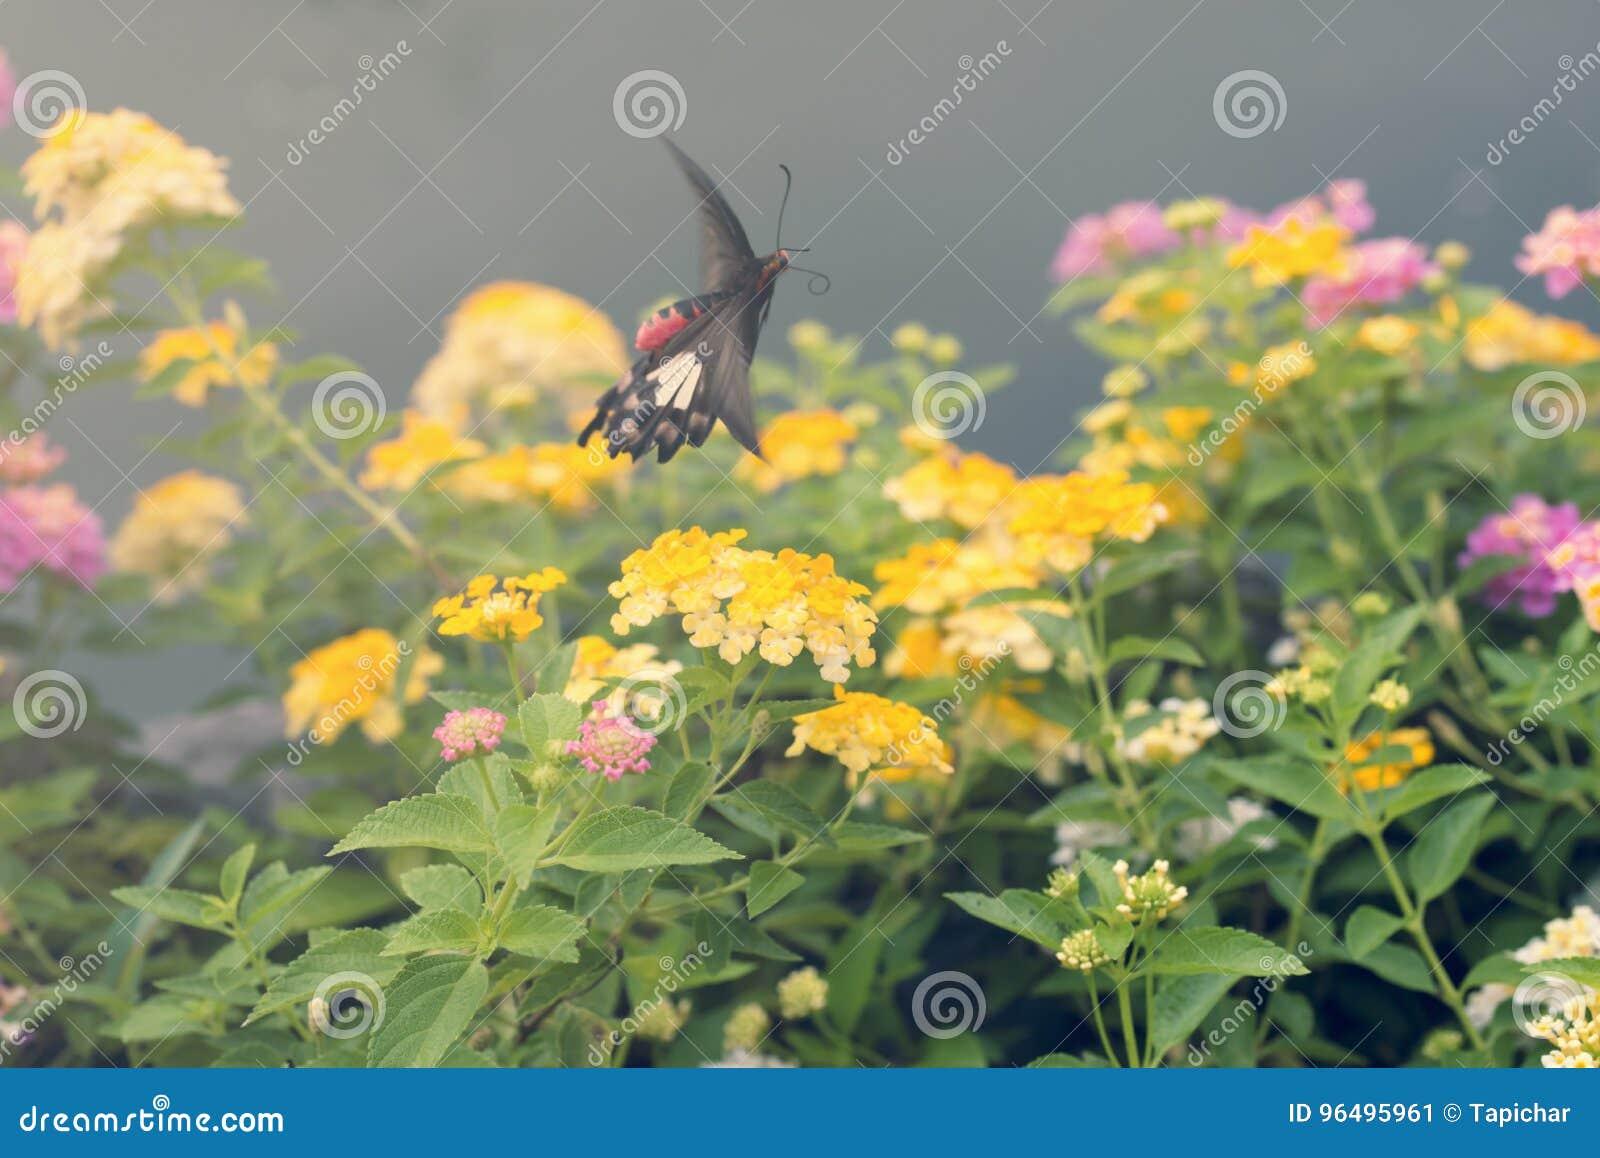 Flores Hermosas Con El Movimiento De La Mariposa Del Vuelo Rose